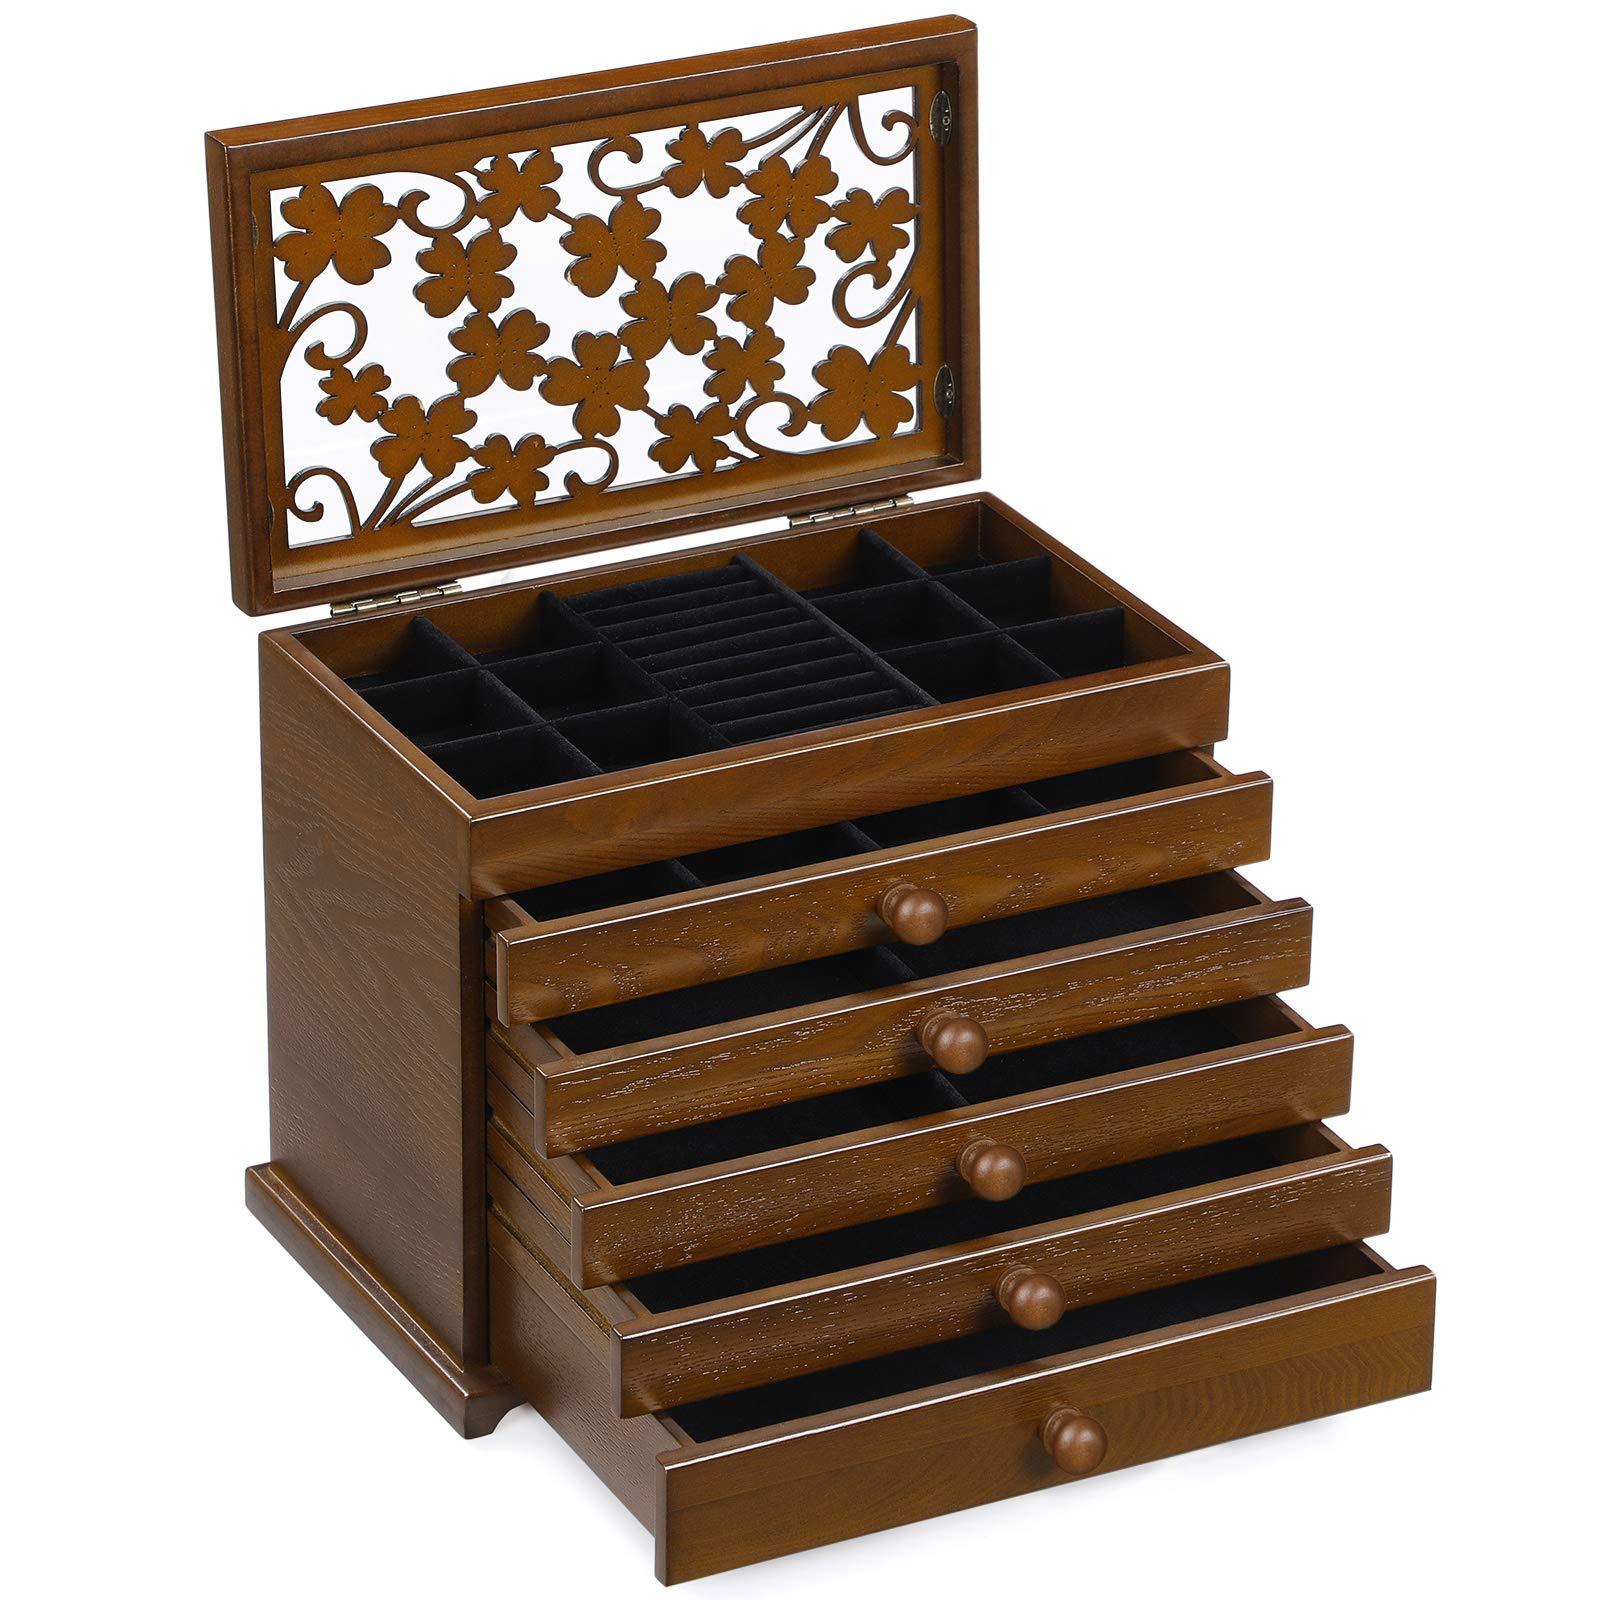 7c76183520fd SONGMICS Caja joyero de Madera Organizador para bisuterías Joyas Tapa  Tallada con Cristal Marrón JBC56W product